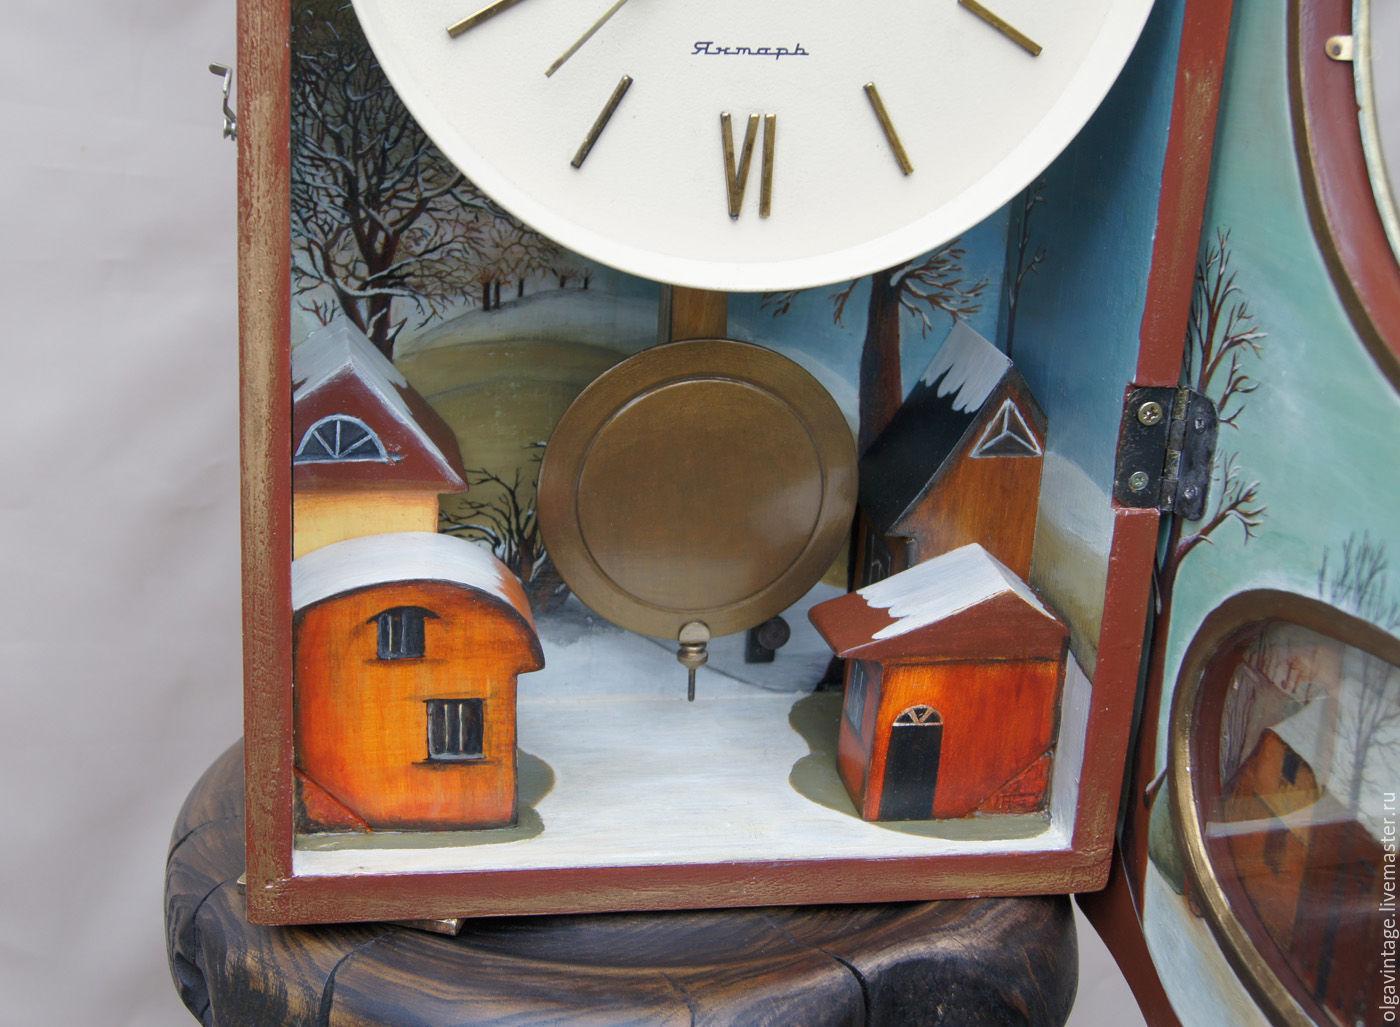 Часы для дома ручной работы. Ярмарка Мастеров - ручная работа. Купить Большие настенные механические часы с боем Зима в Голландии. Handmade.